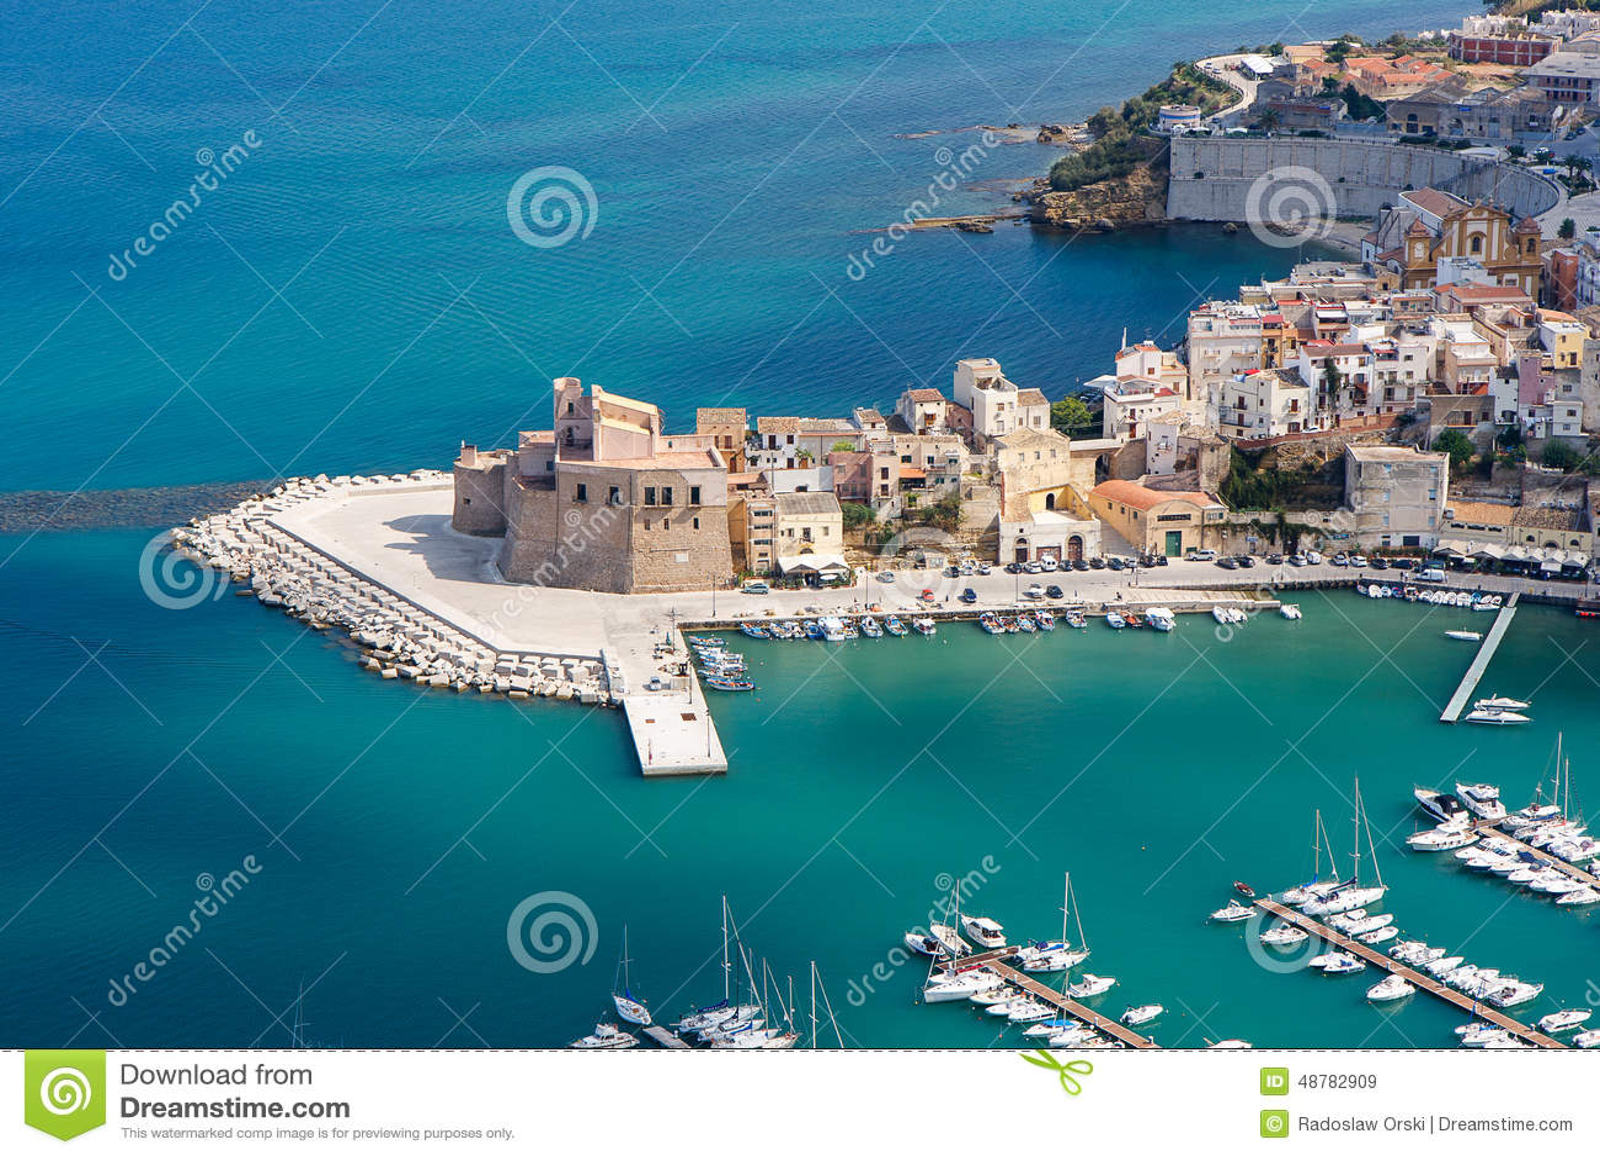 Castellammare del Golfo Italy  city photos gallery : Castellammare Del Golfo, Sicily, Italy Stock Photo Image: 48782909